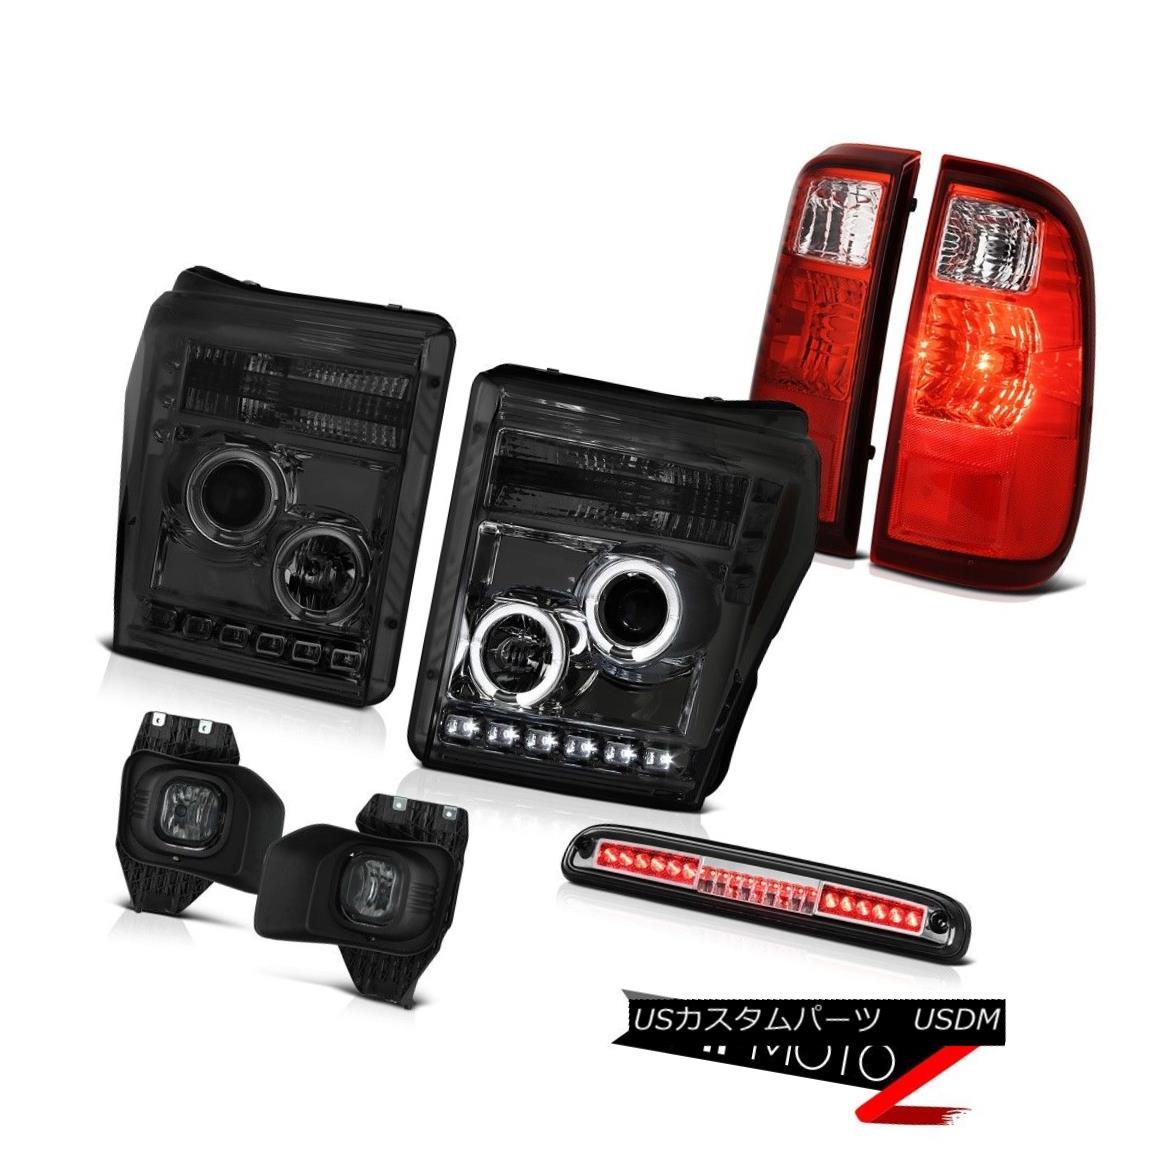 ヘッドライト 11-16 F250 6.2L Euro Chrome High Stop Lamp Smokey Foglights Taillamps Headlamps 11-16 F250 6.2Lユーロクロームハイストップランプスモーキーフォグライトタイルランプヘッドランプ